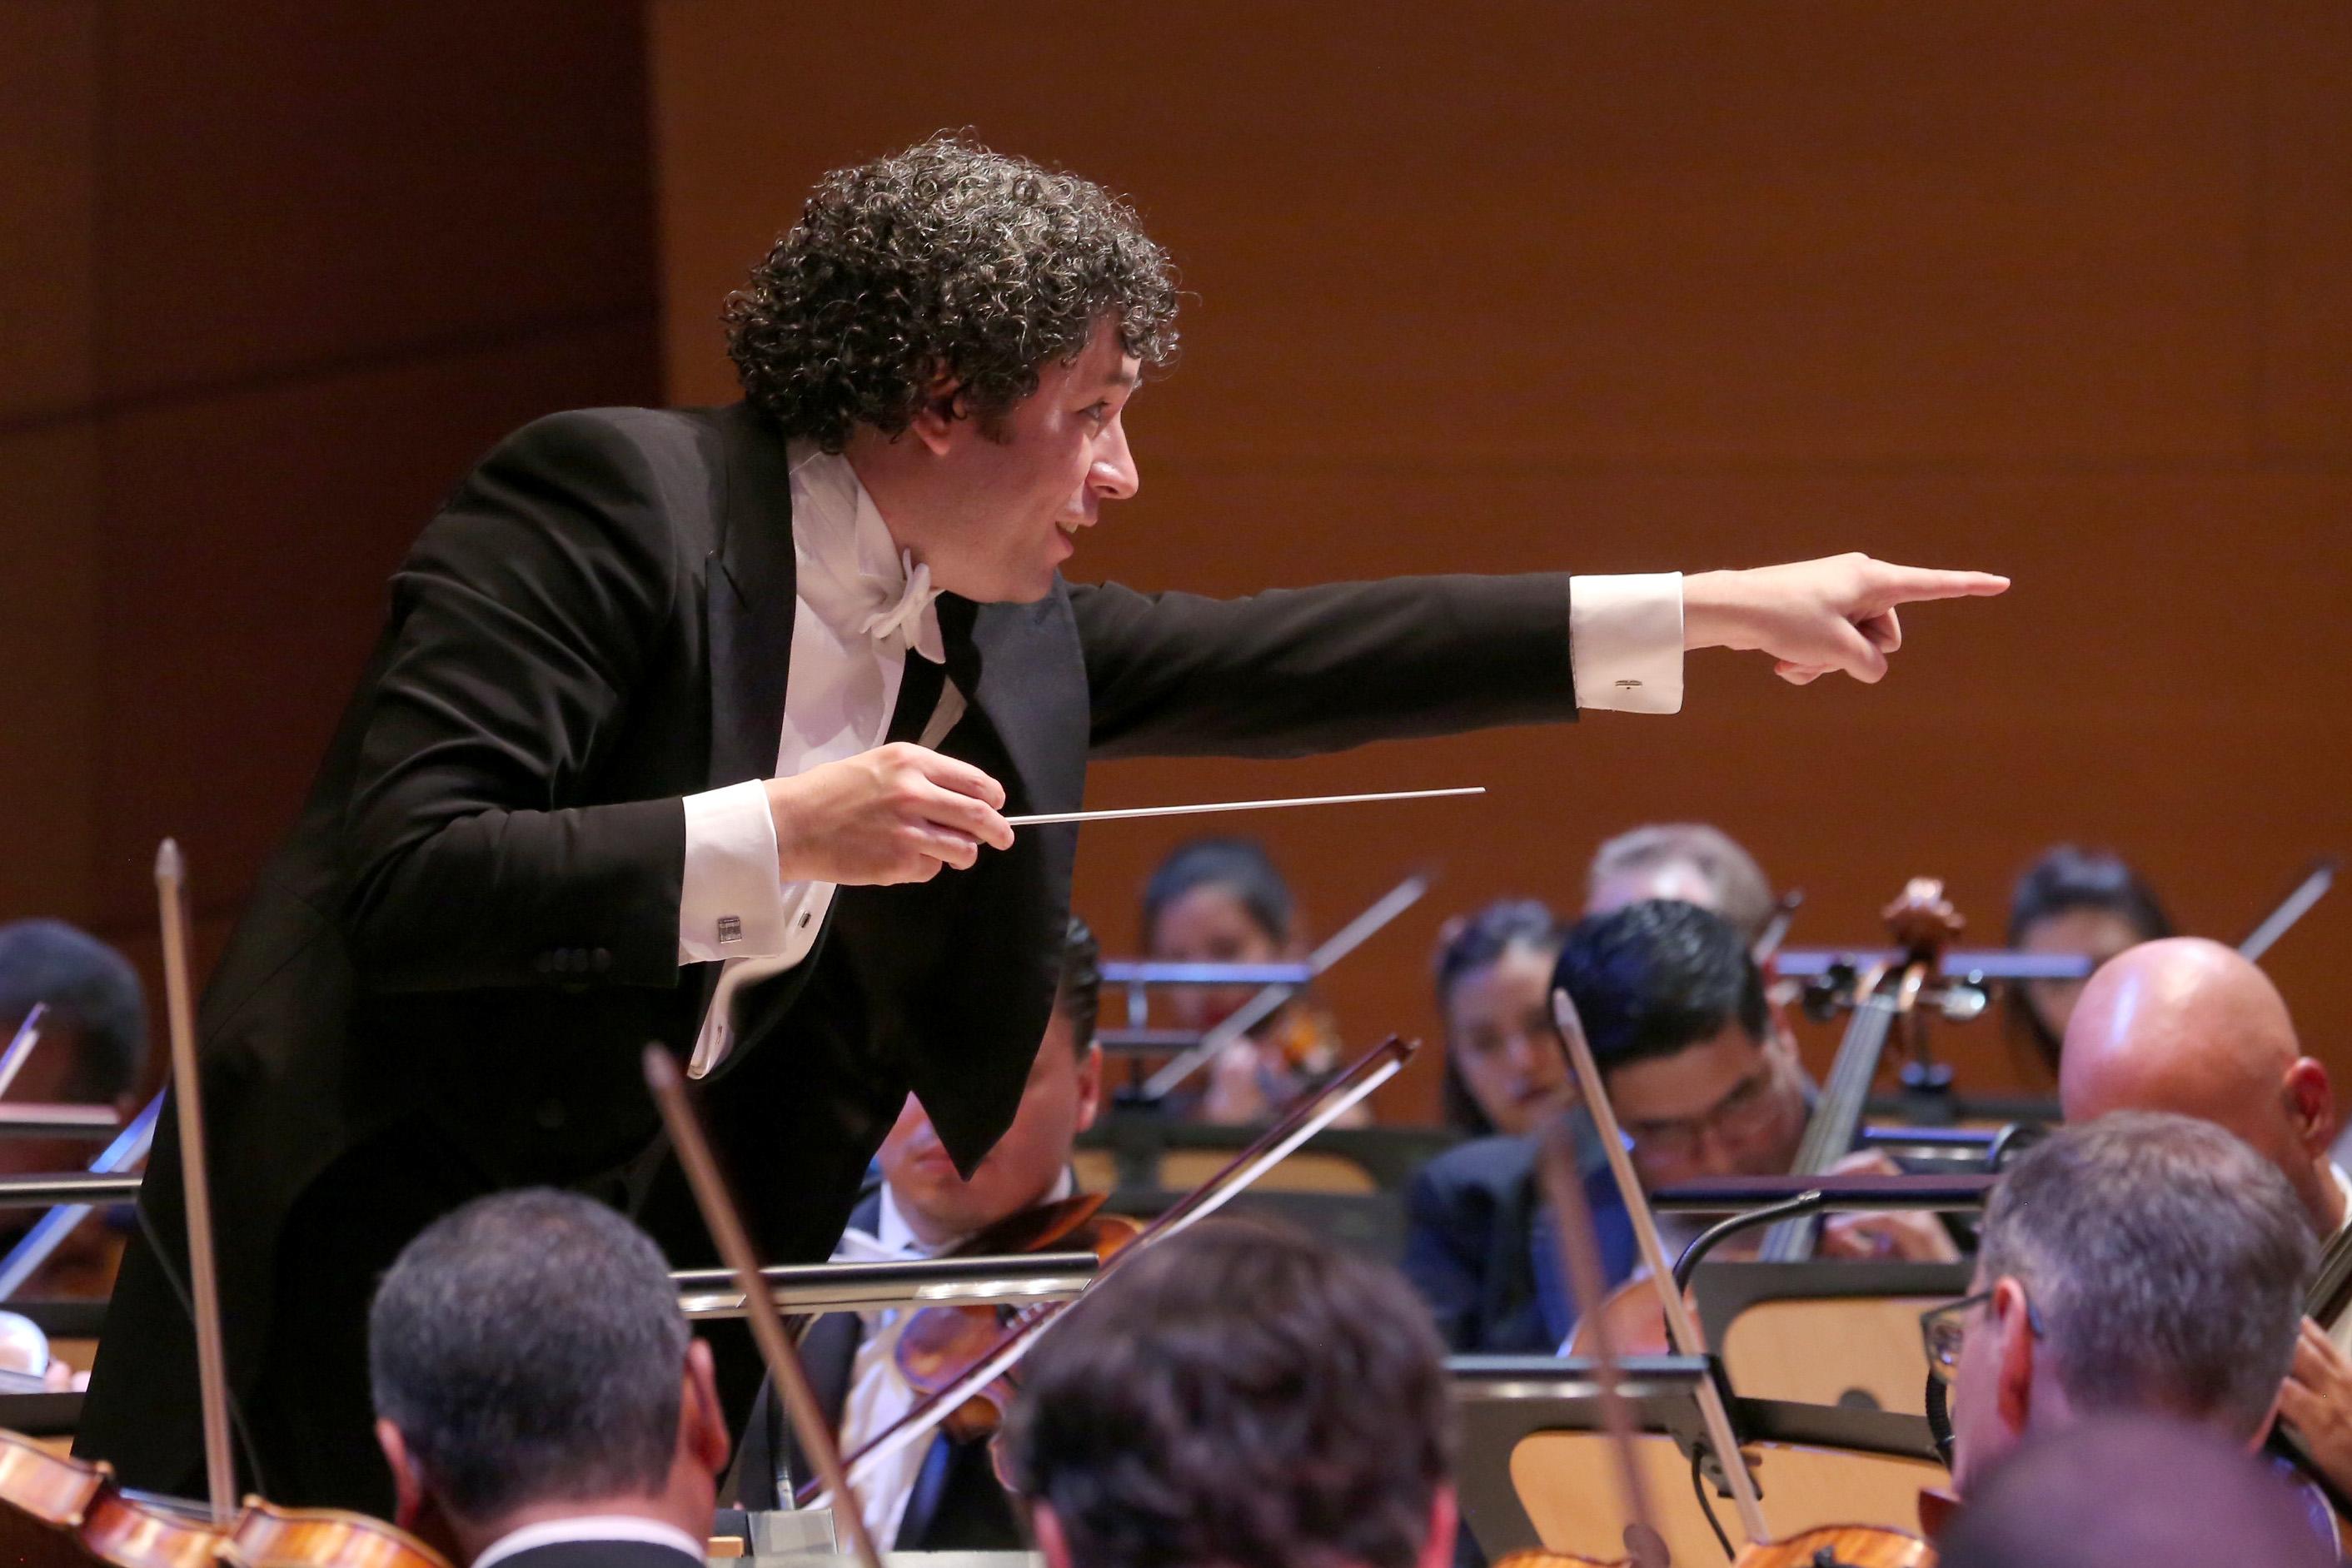 Gustavo Dudamel dirigirá a la Filarmónica de LA y la Orquesta Simón Bolívar en las nueve sinfonías de Beethoven.